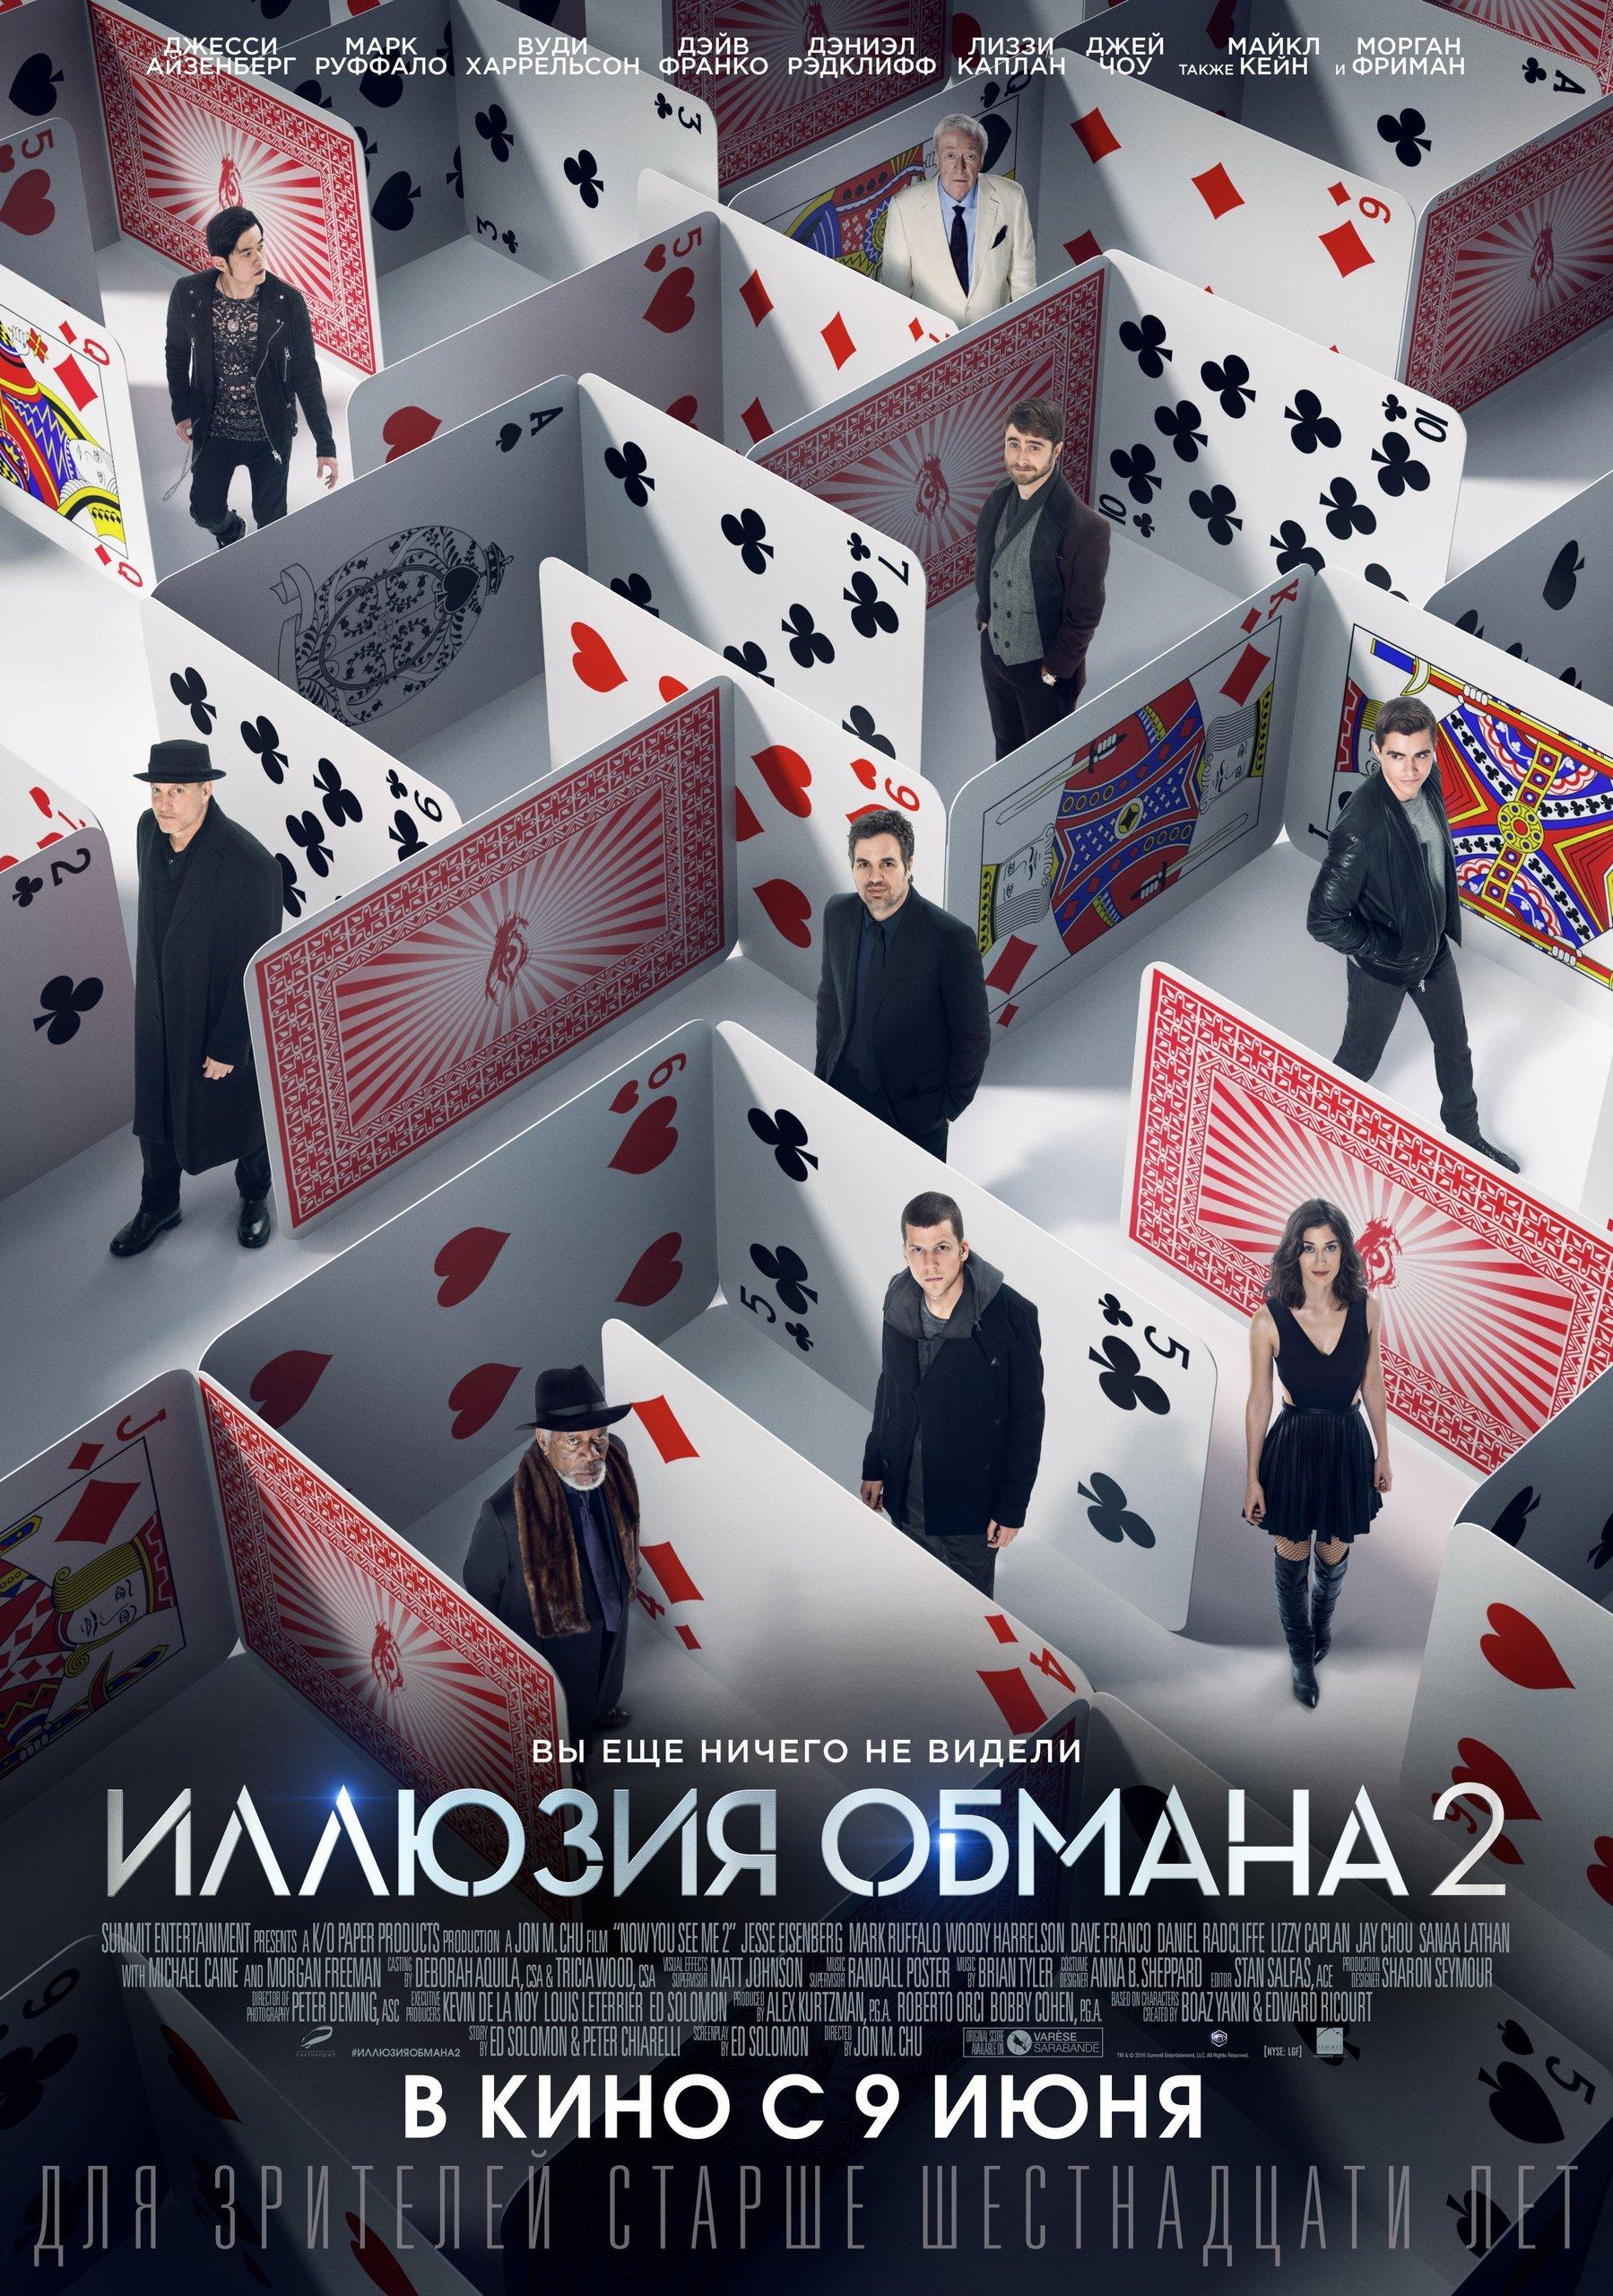 «Смотреть Онлайн Иллюзия Обмана Трейлер На Русском» — 2013